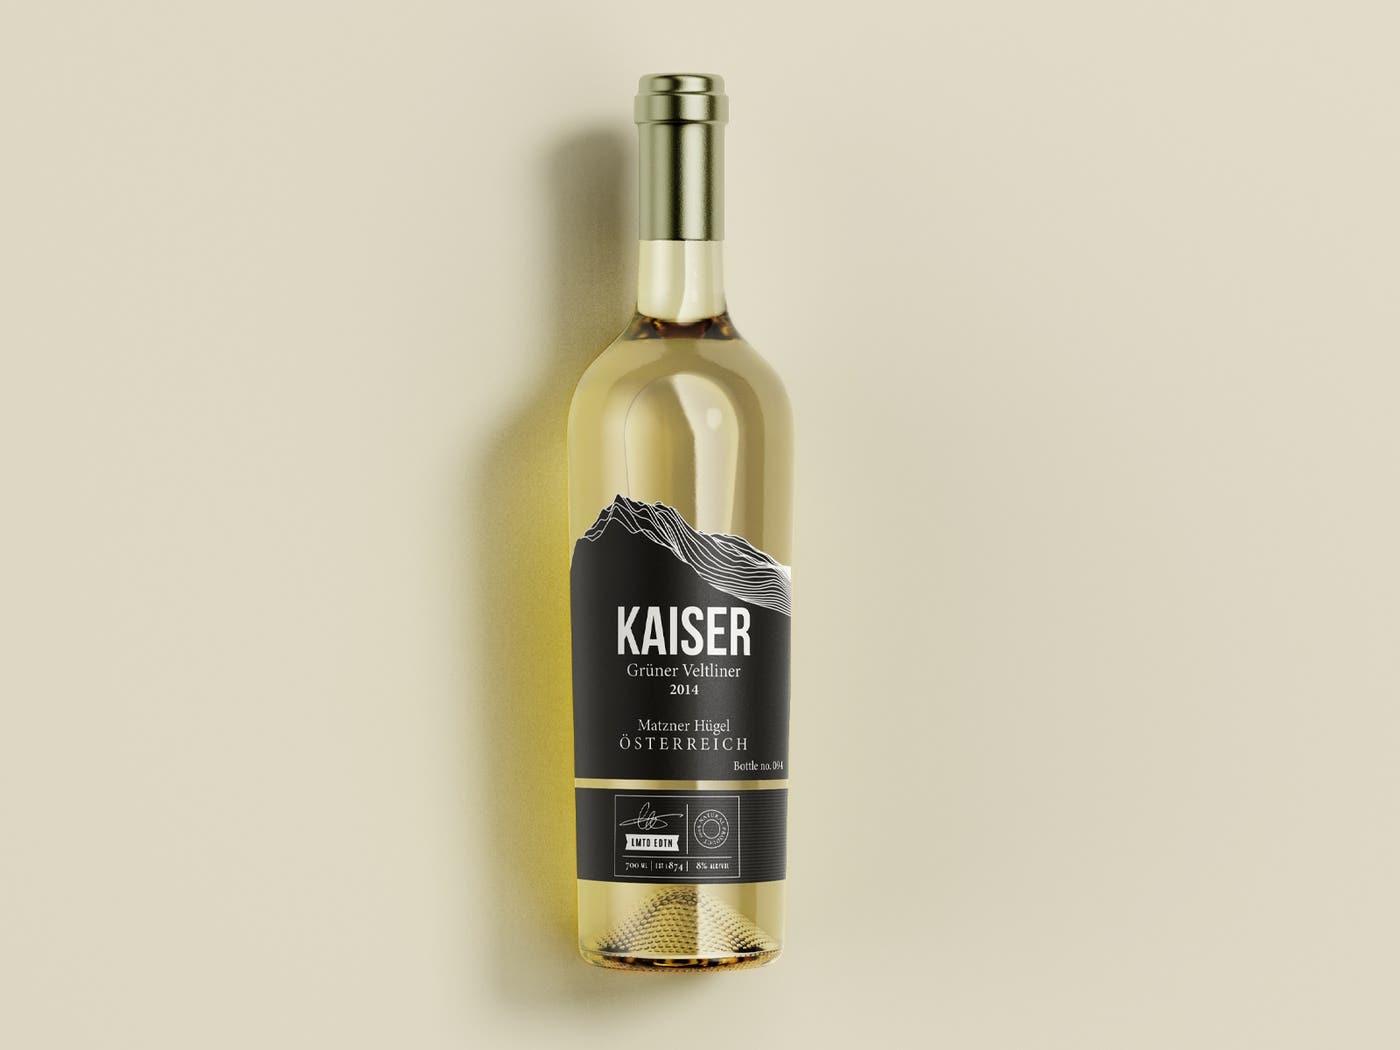 1795473-wine-kaiser.jpg